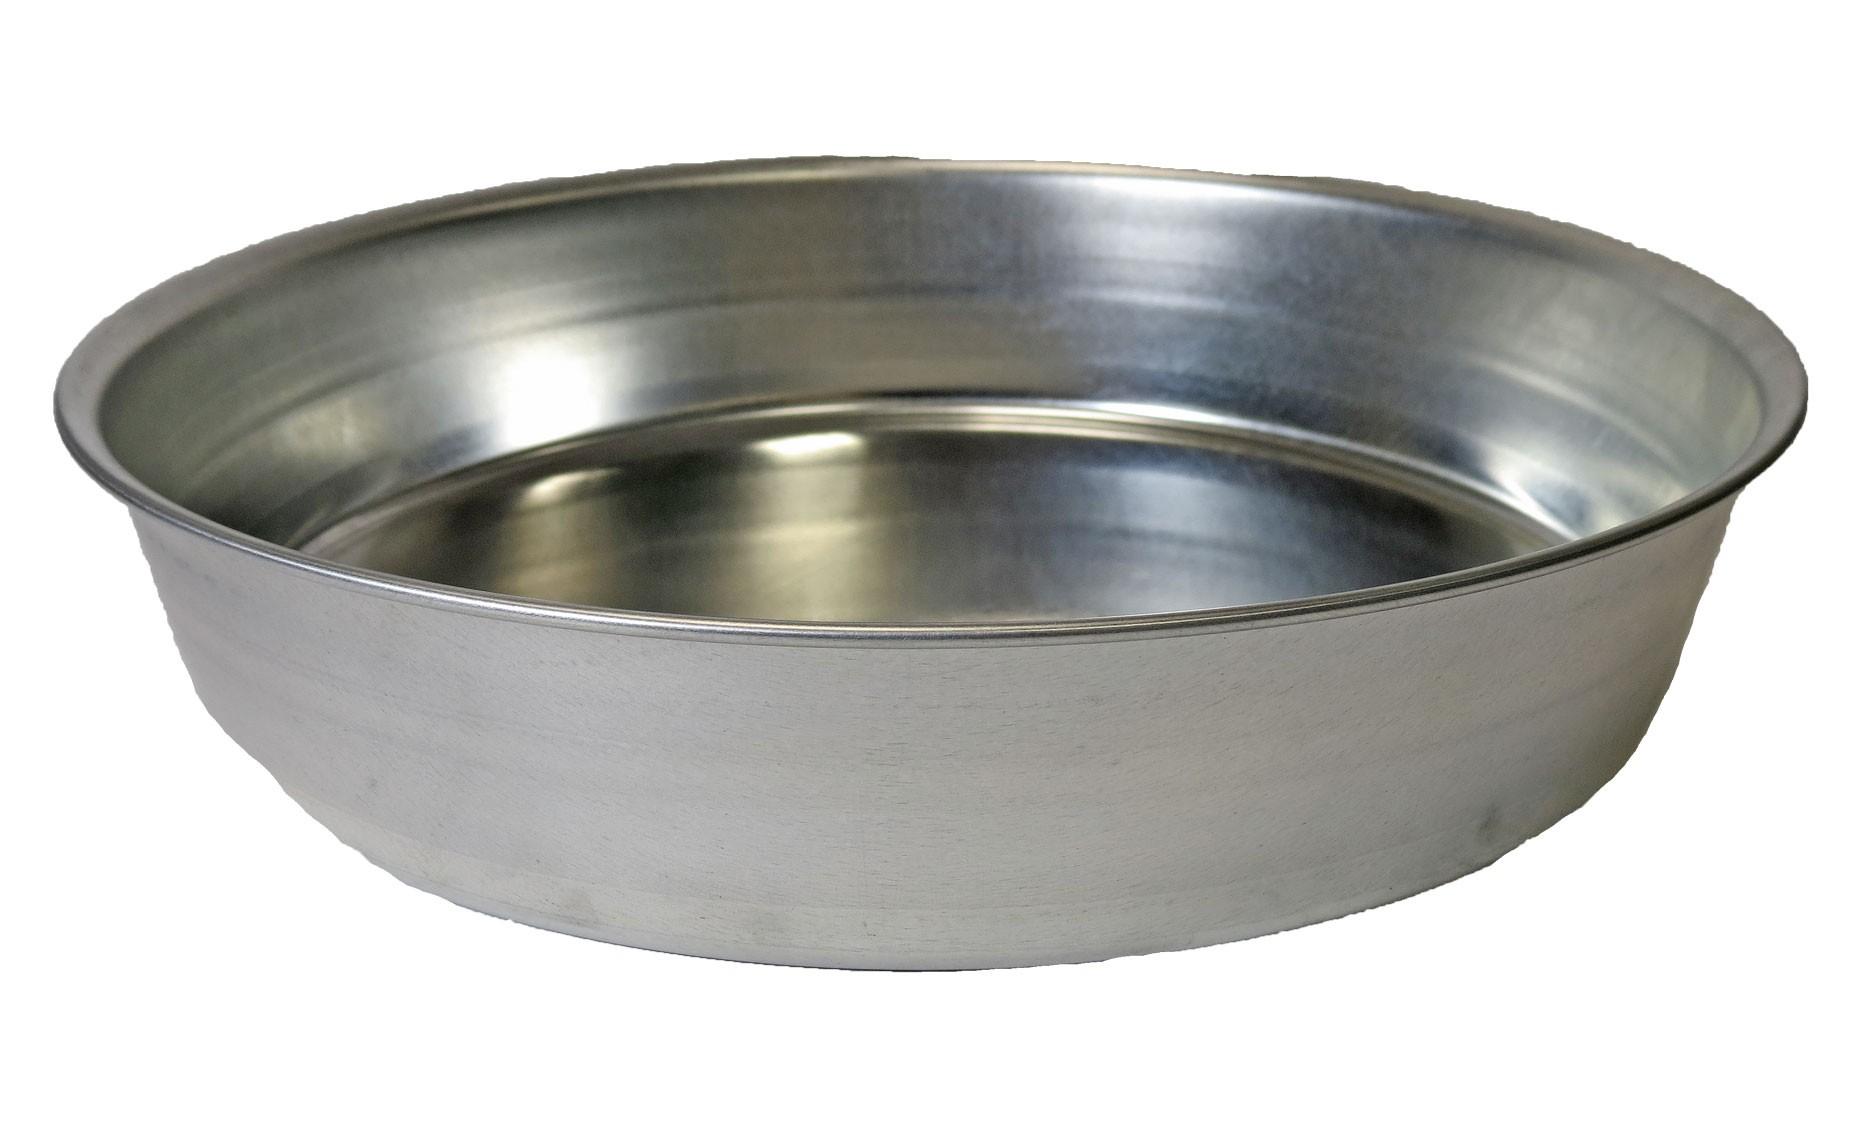 moule pour patisserie en métal brut